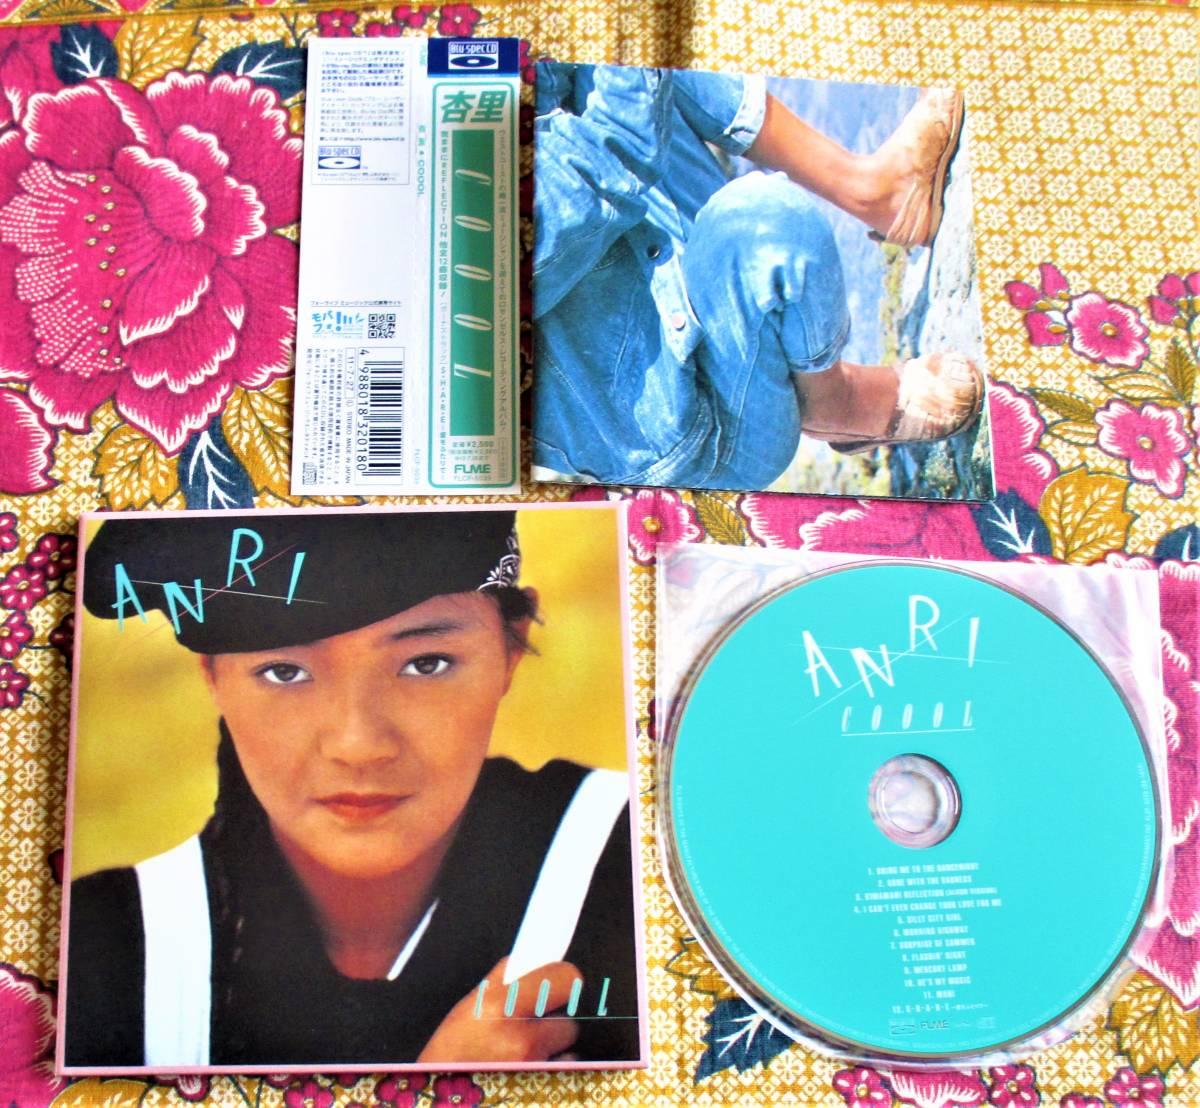 ☆彡紙ジャケ【Blu-Spec CD】杏里 / COOOL →角松敏生全曲プロデュース・高音質盤・SHARE~愛をふたりで~_画像3